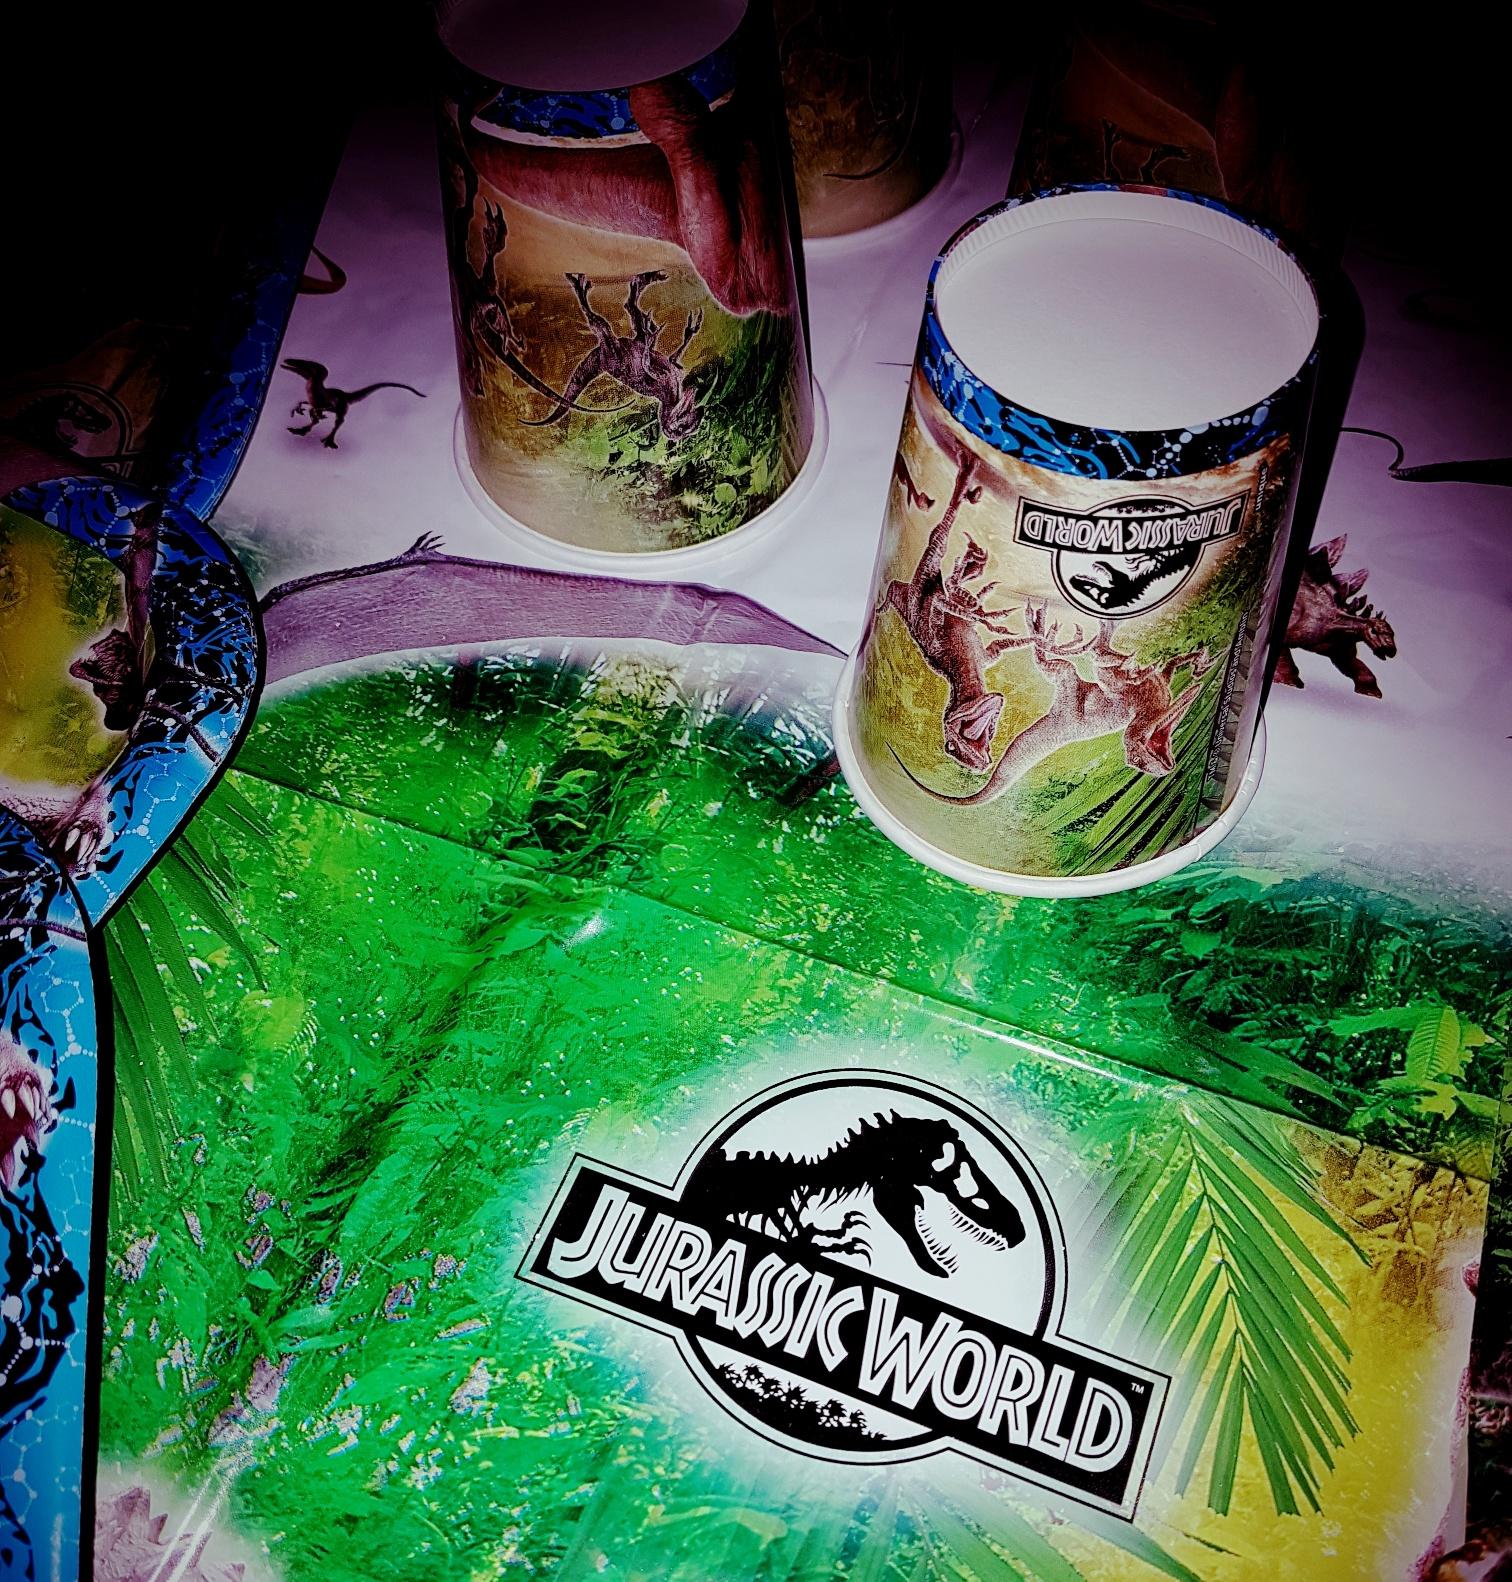 A dinosaur themed birthday